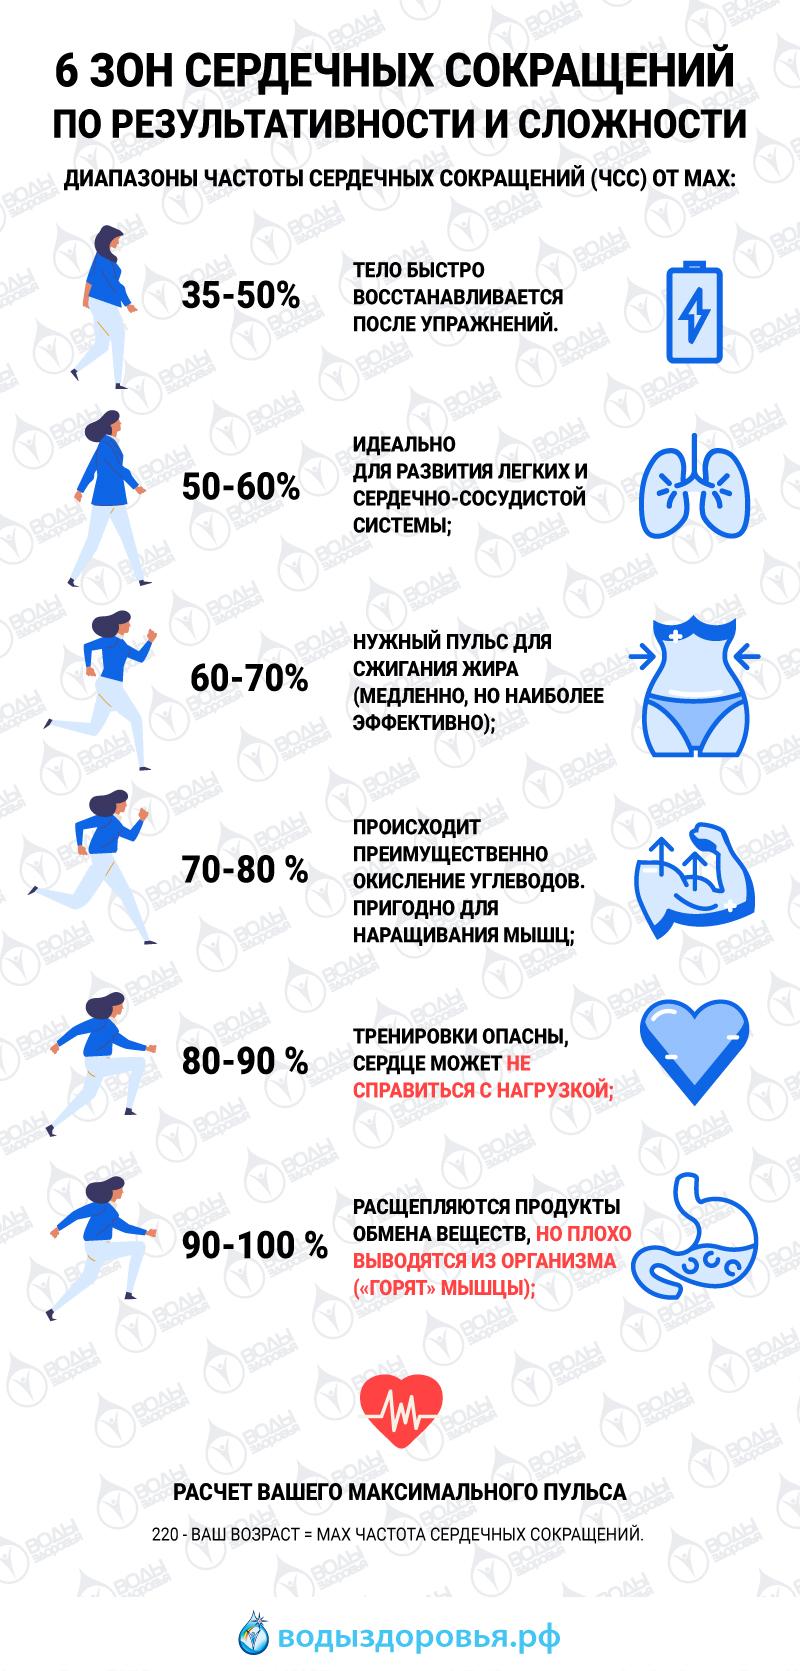 Частота пульса похудения